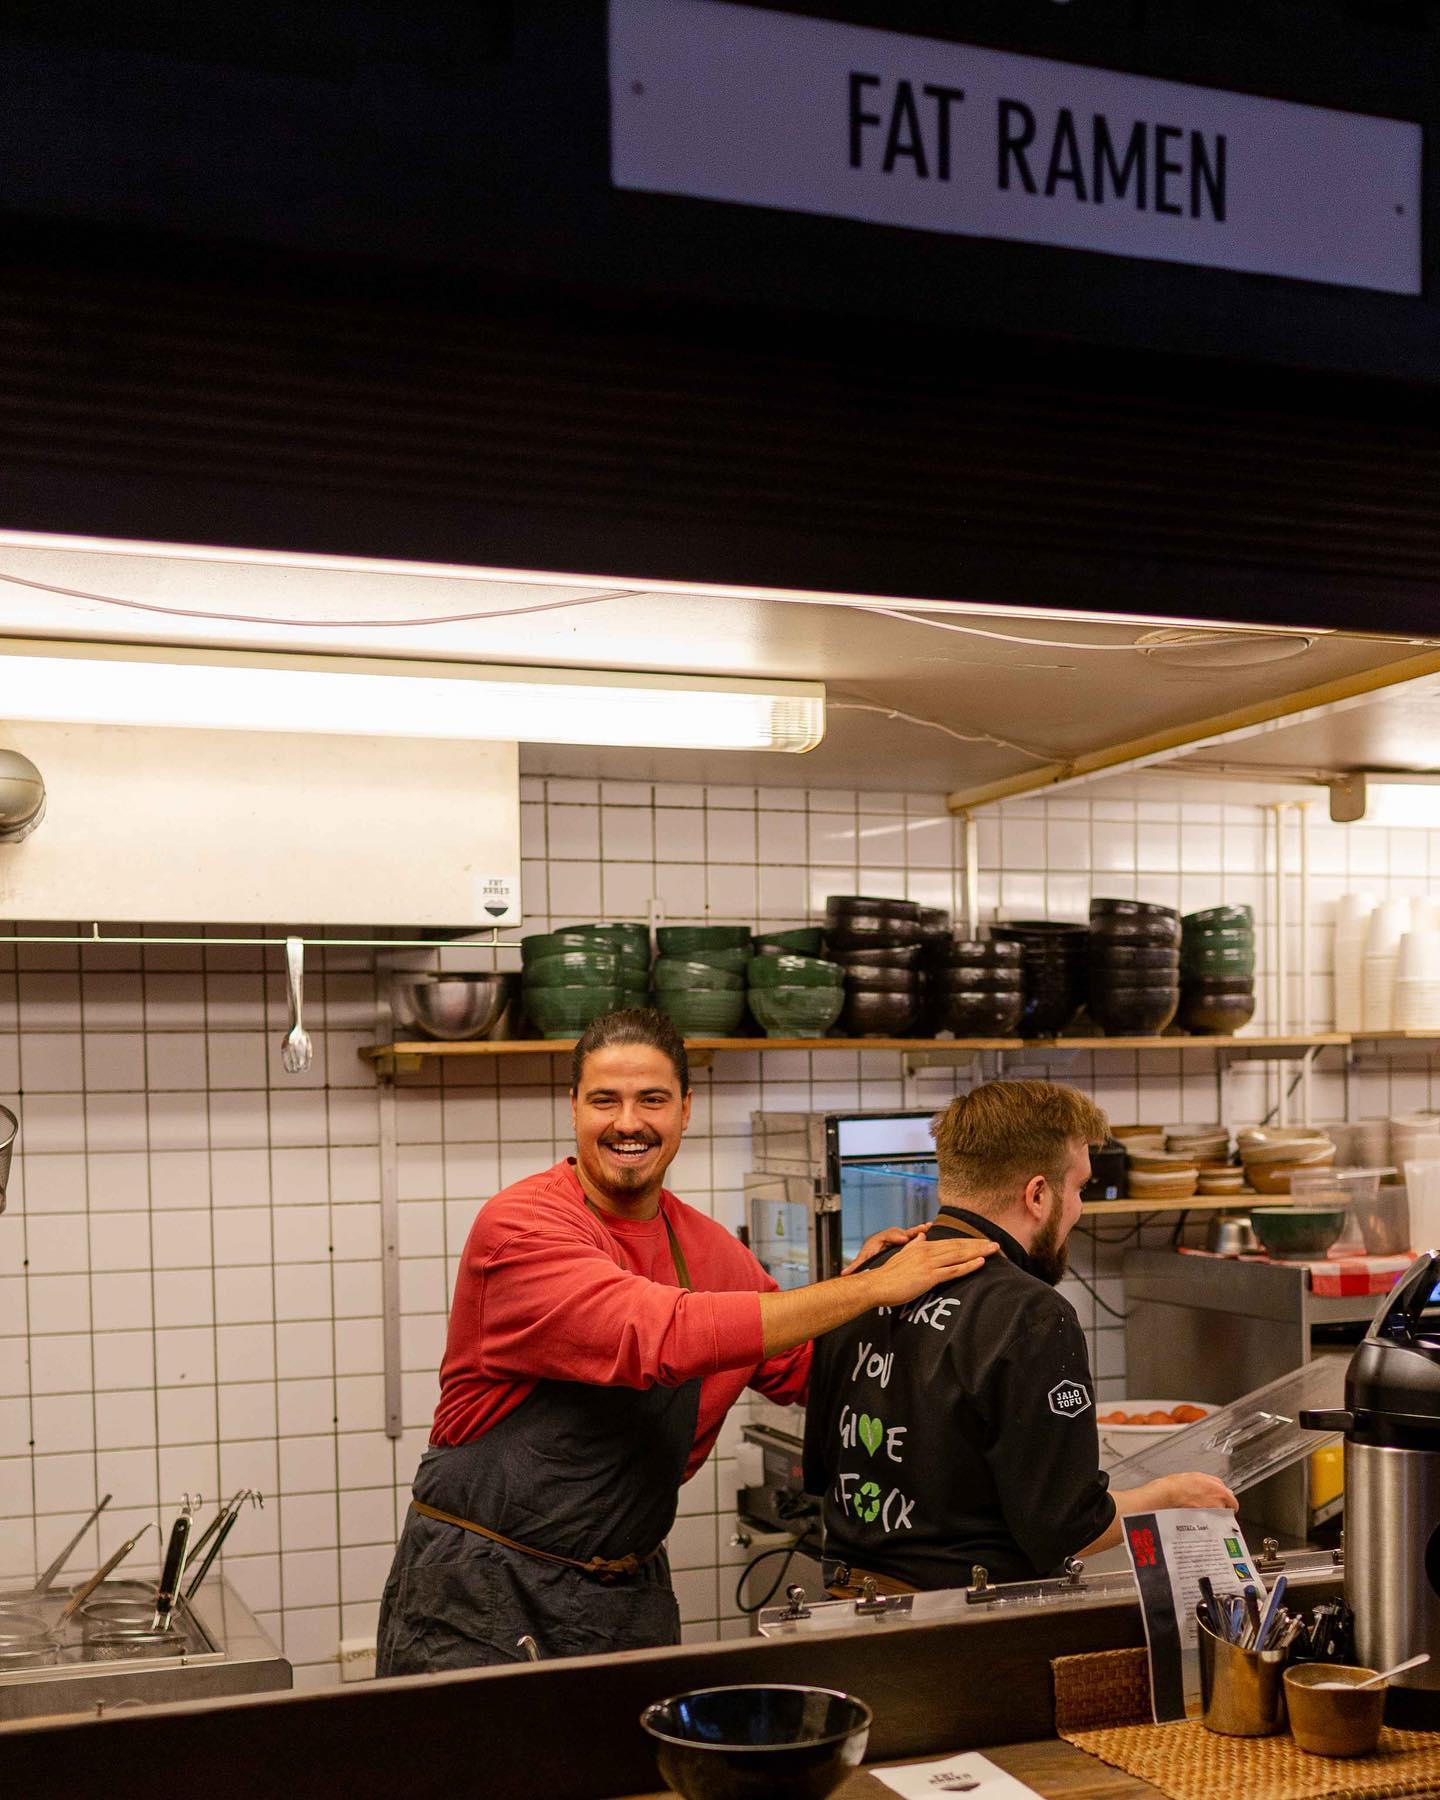 Keittiömestari suosittelee - ja suosittelemme keittiömestaria!  Japanilaista ramen-kulttuuria ja elämyksiä Suomeen rakentava Marcos Gois ja hänen @fatramen -ravintolansa pk-seudulla on pitkäaikaisimpia yhteistyökumppaneitamme, jo vuodesta 2013. Fat Ramenin vegaaninen klassikkoannos on vuodesta toiseen Jalotofu ramen bowl. Moni teistäkin tietää miksi.  Fanitamme myös siksi, että heidän Jalotofu-annos voitti vuoden 2017 Flow-festareiden sustainable meal -palkinnon.  Support your local! . . .